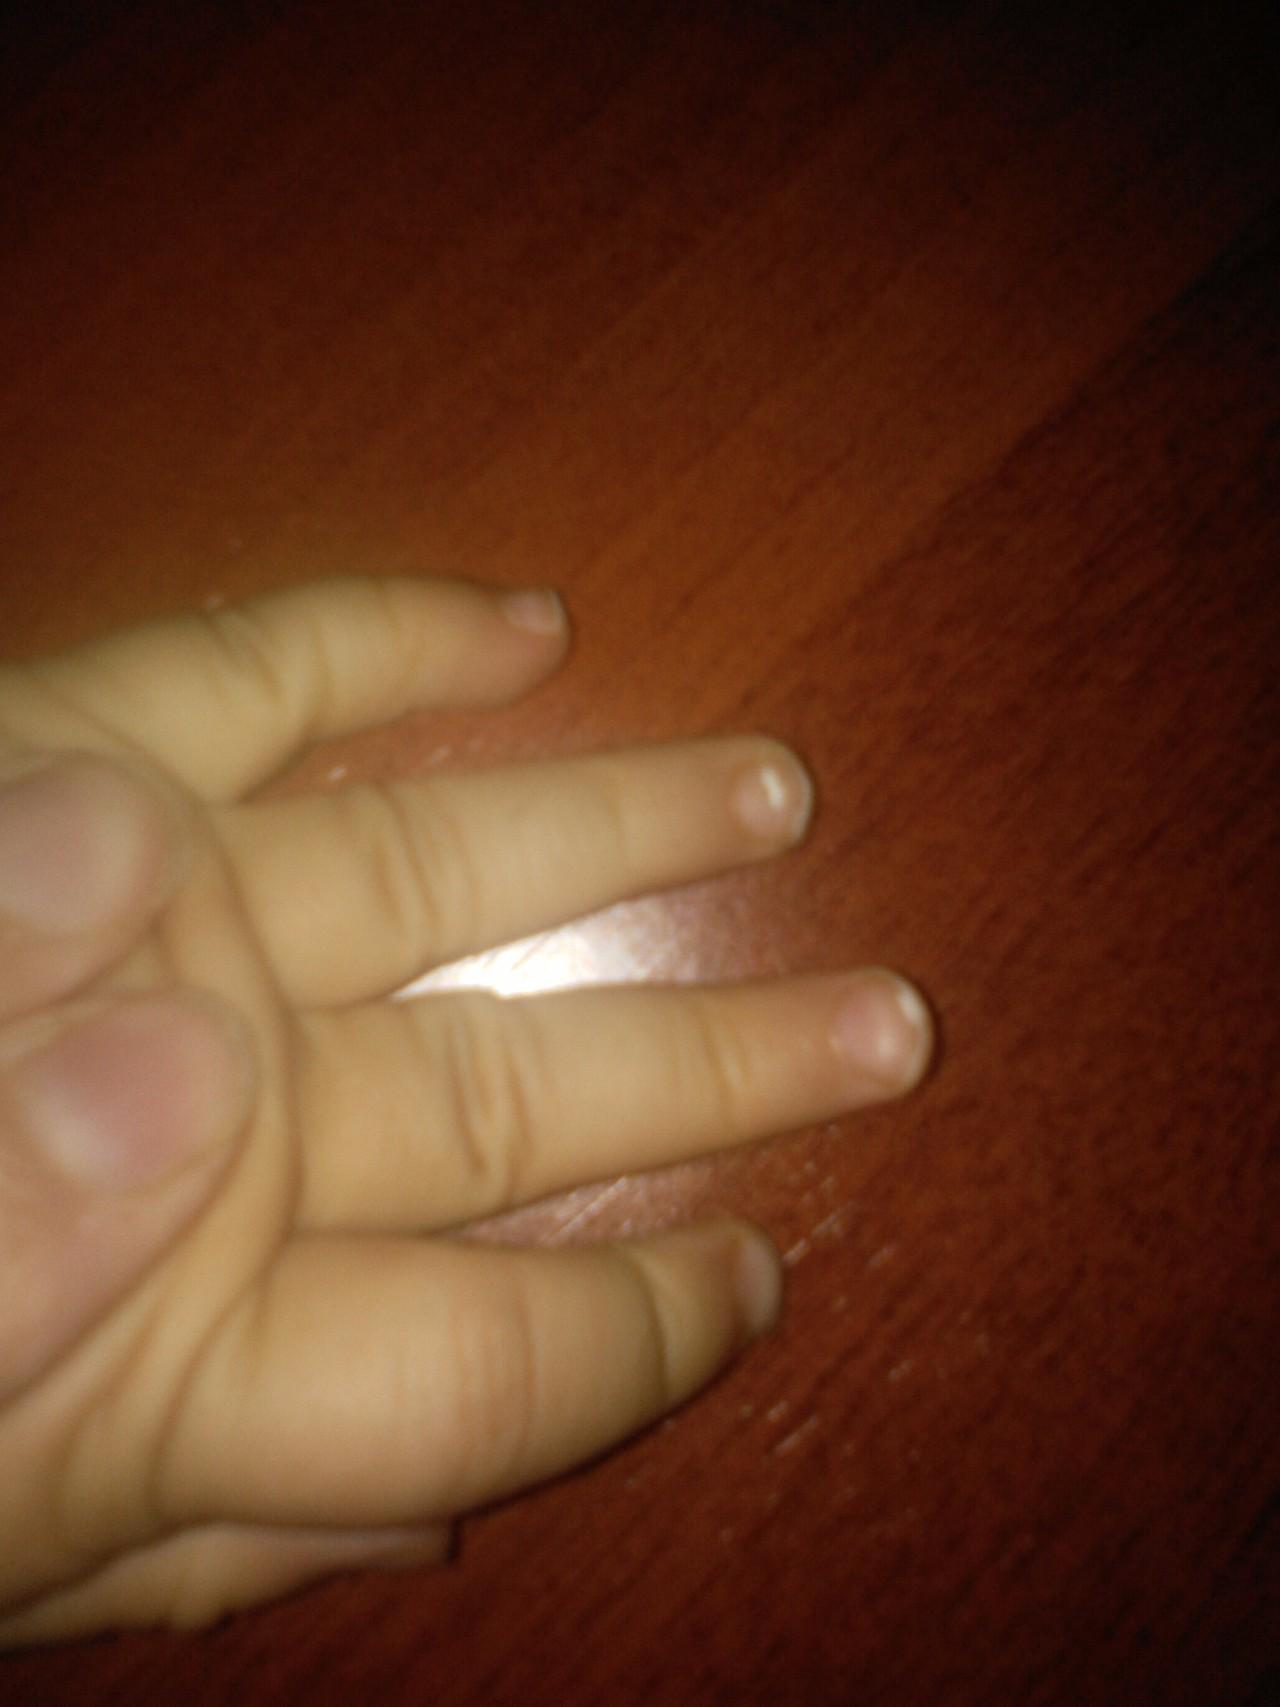 Белые пятна на ногтях: почему появляются, что означает 95